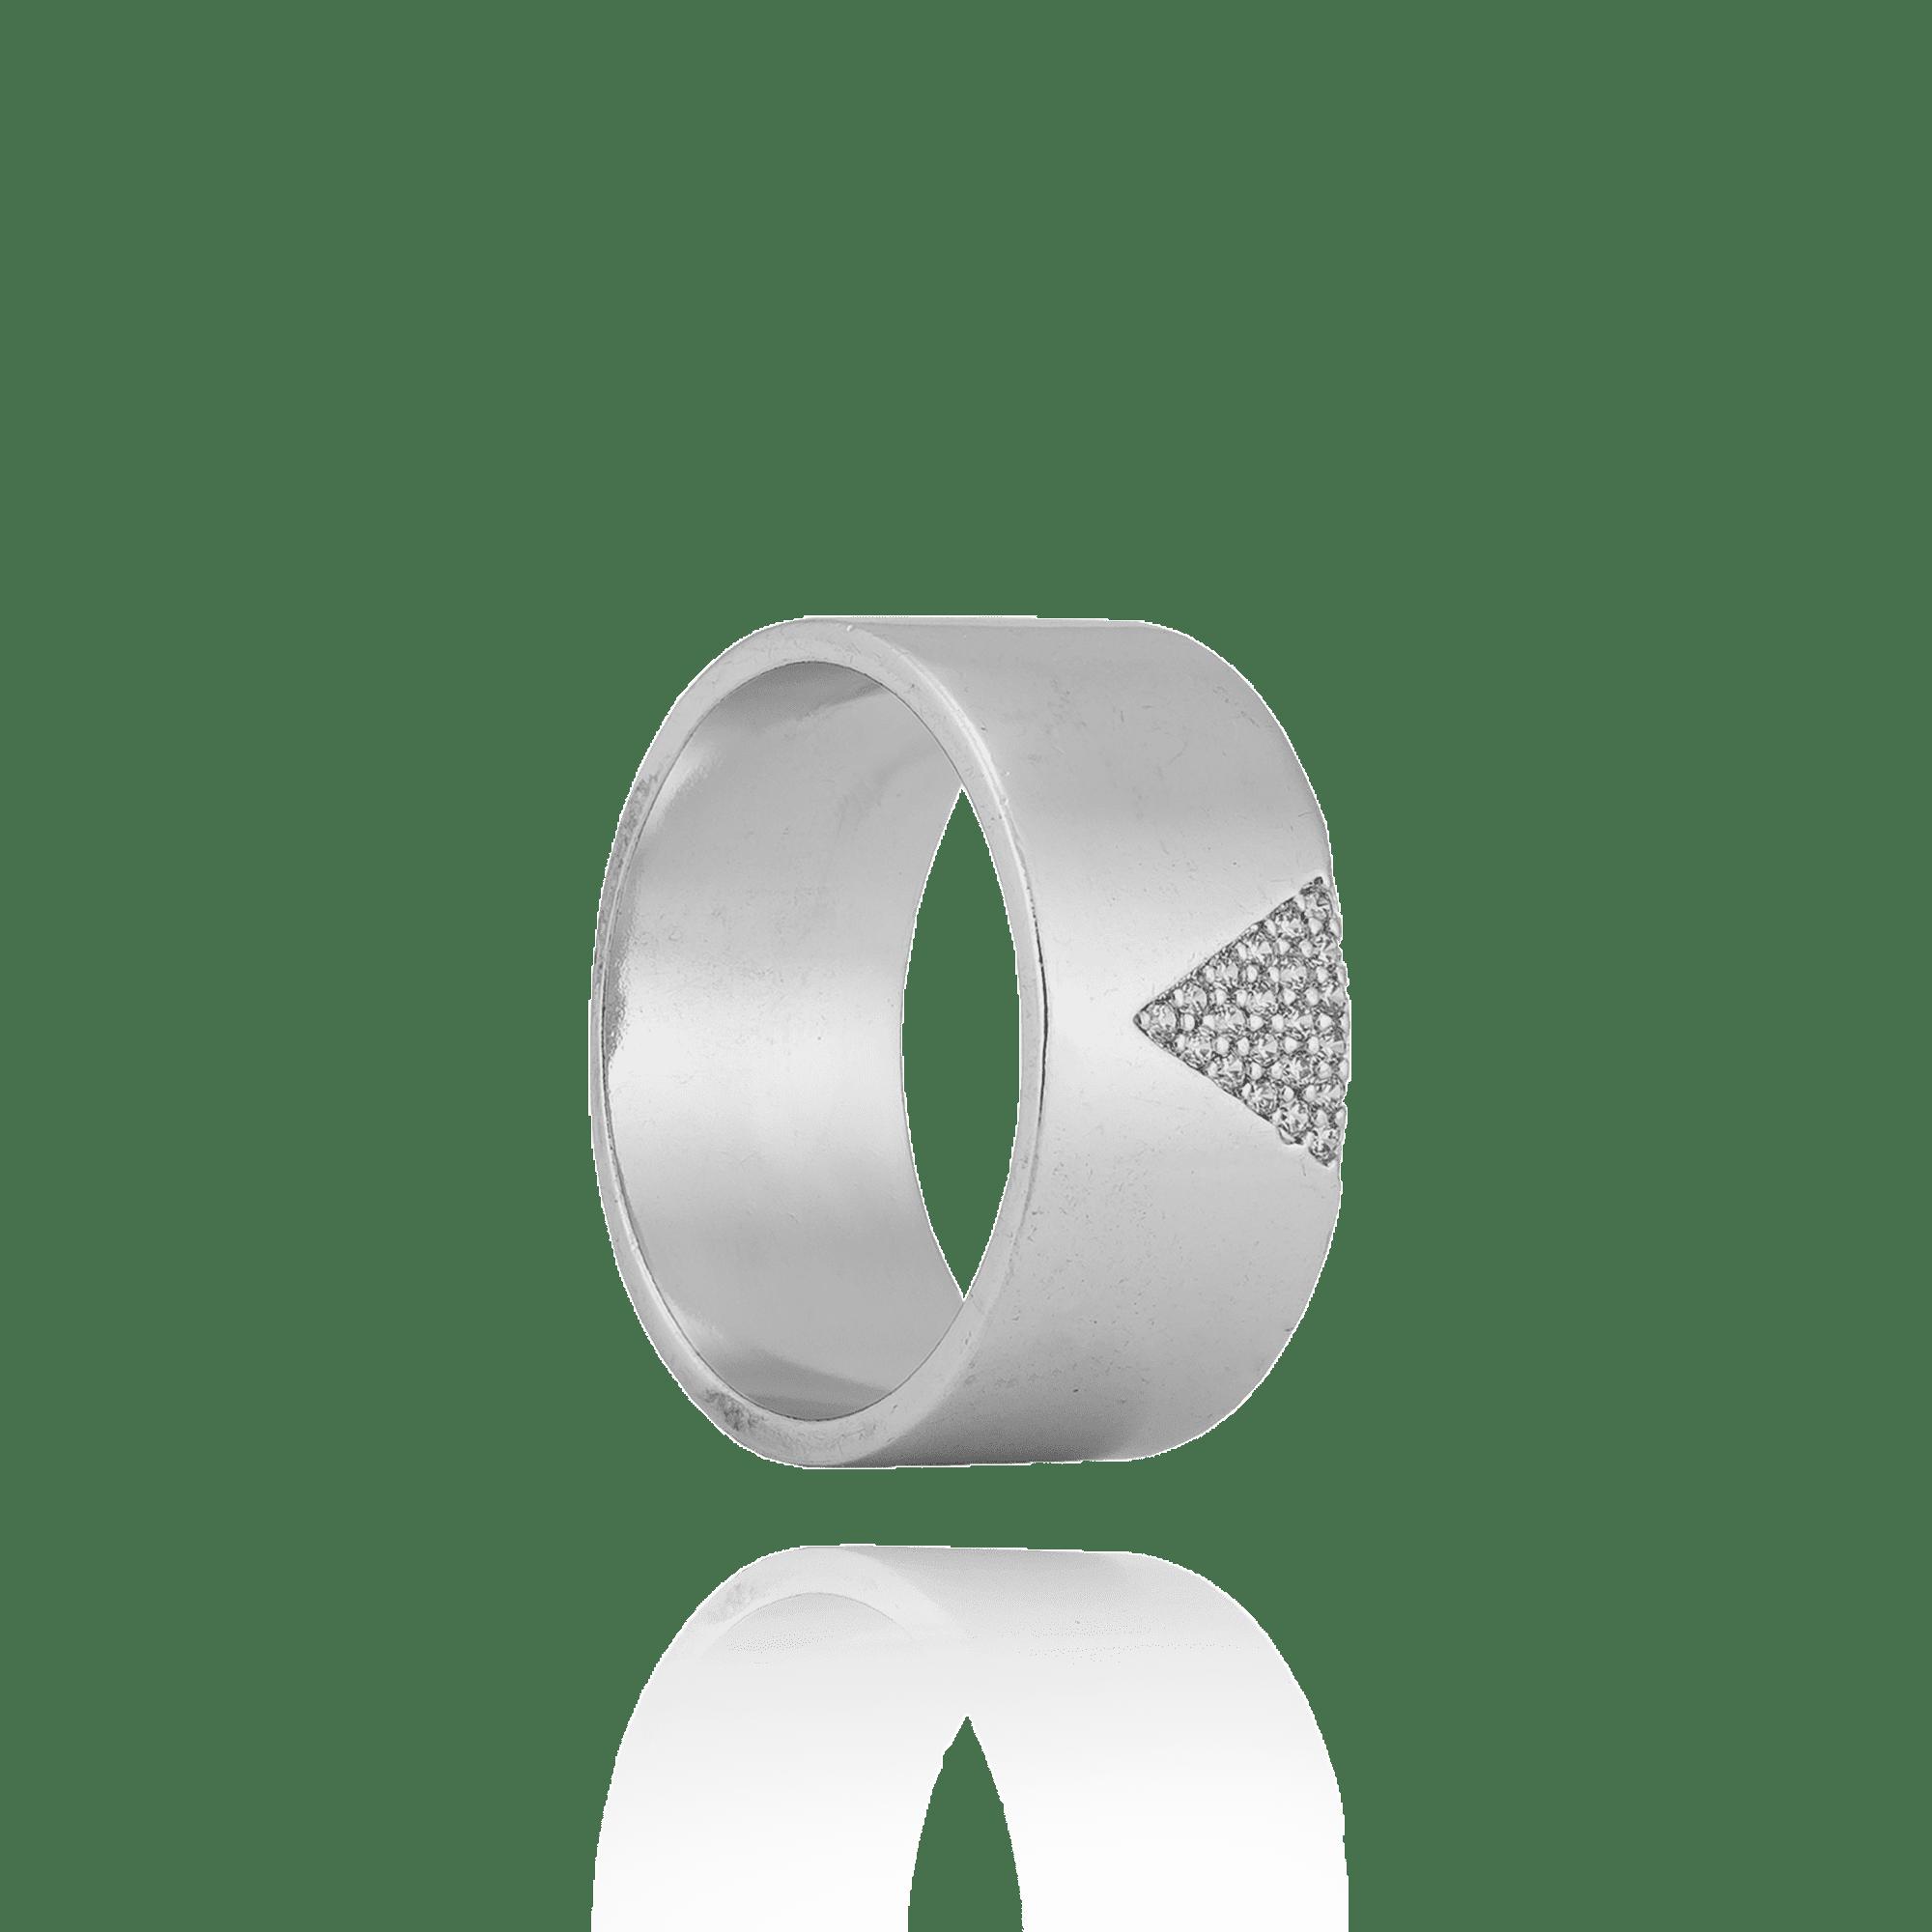 Anel Prateado com detalhe Triangular cravejado com Zircônias